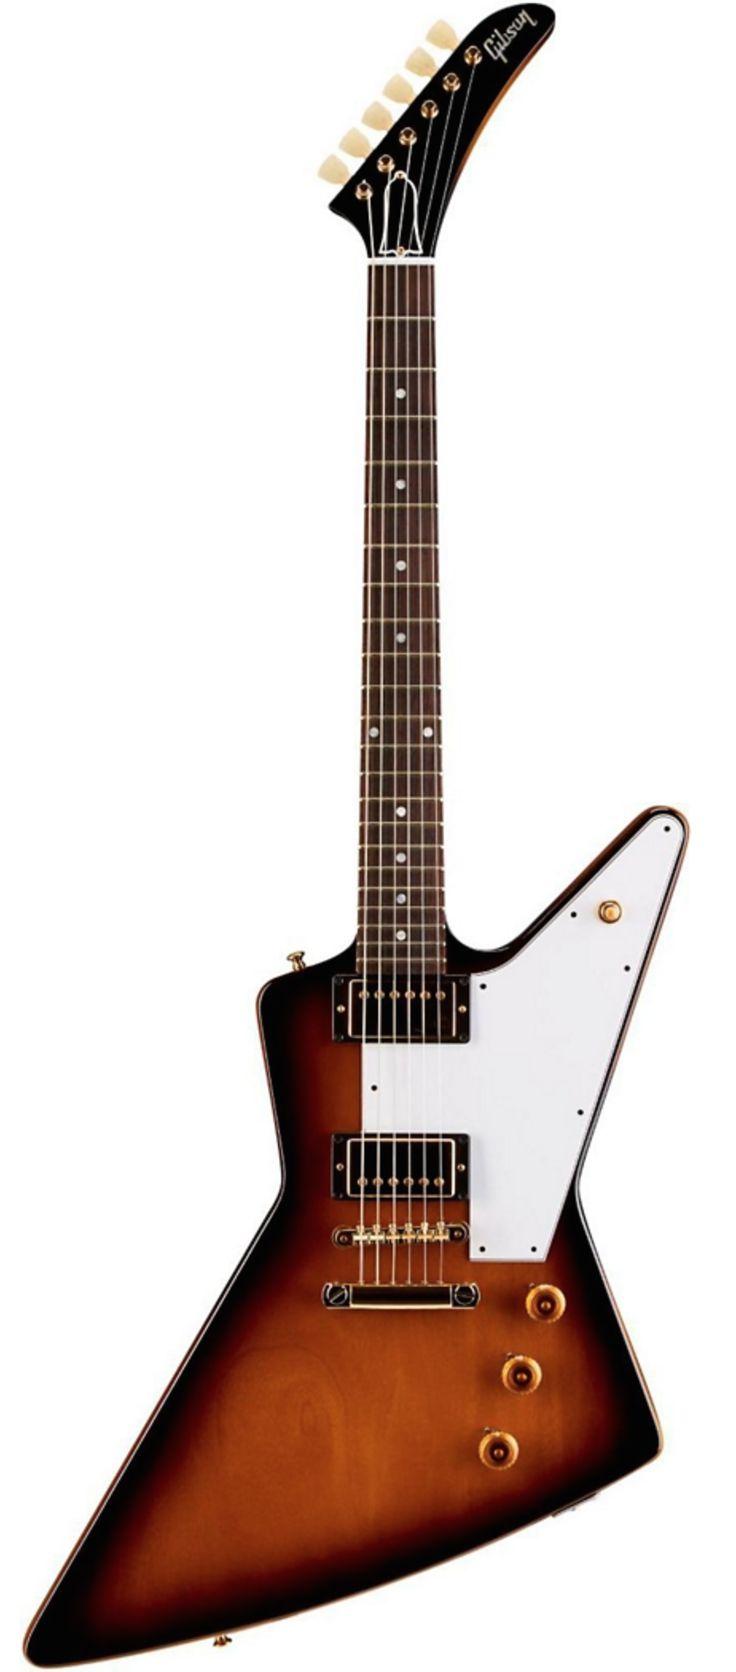 Gibson Custom Limited Run 1958 Mahogany Explorer